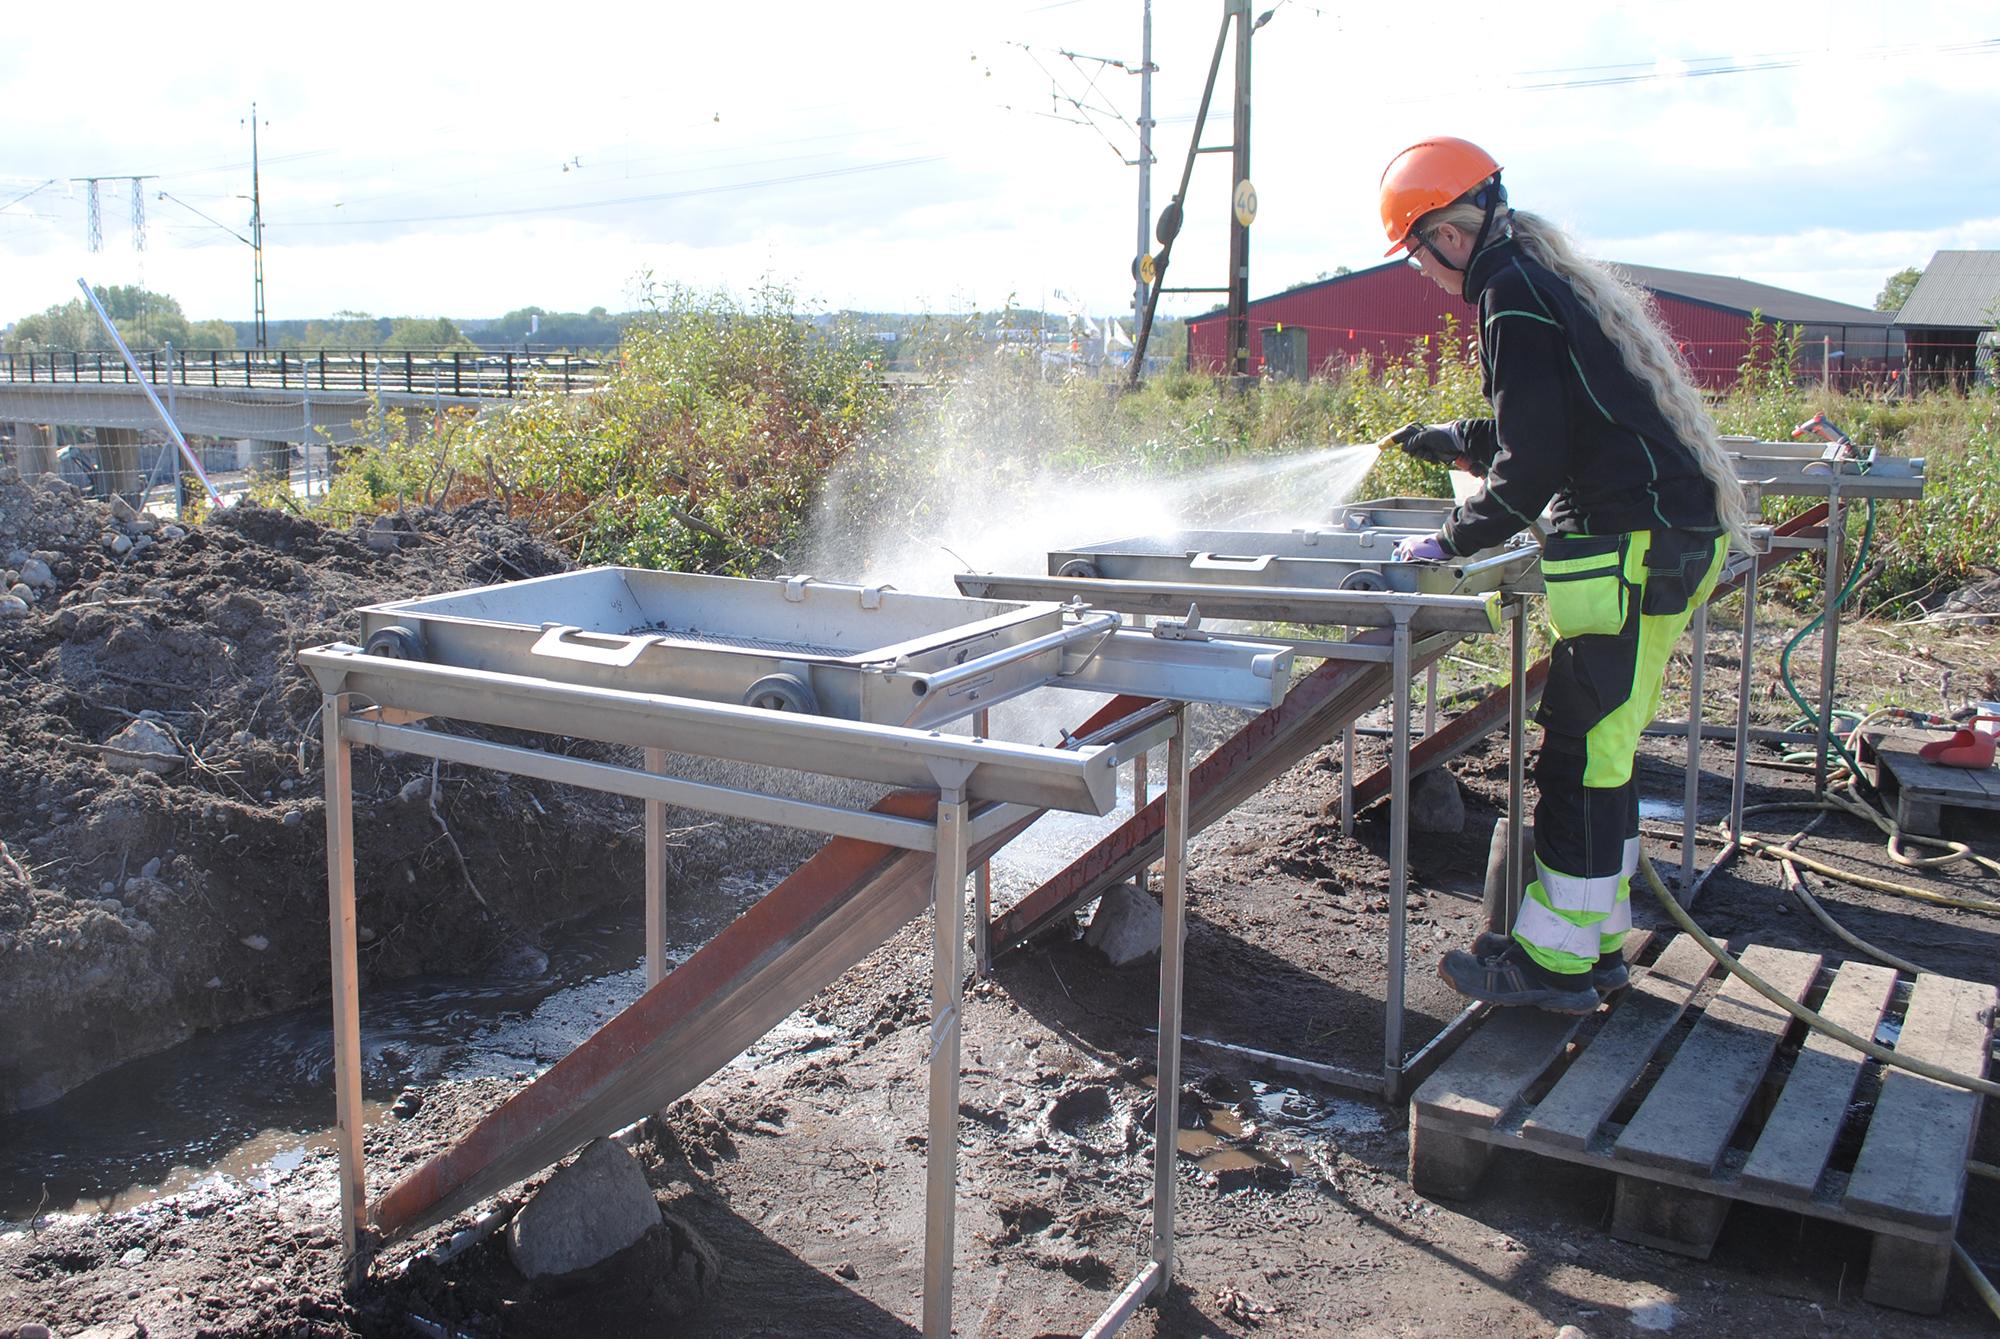 Sigrid sållar jord från ett brandlager. Foto: Elin Säll, Arkeologerna.